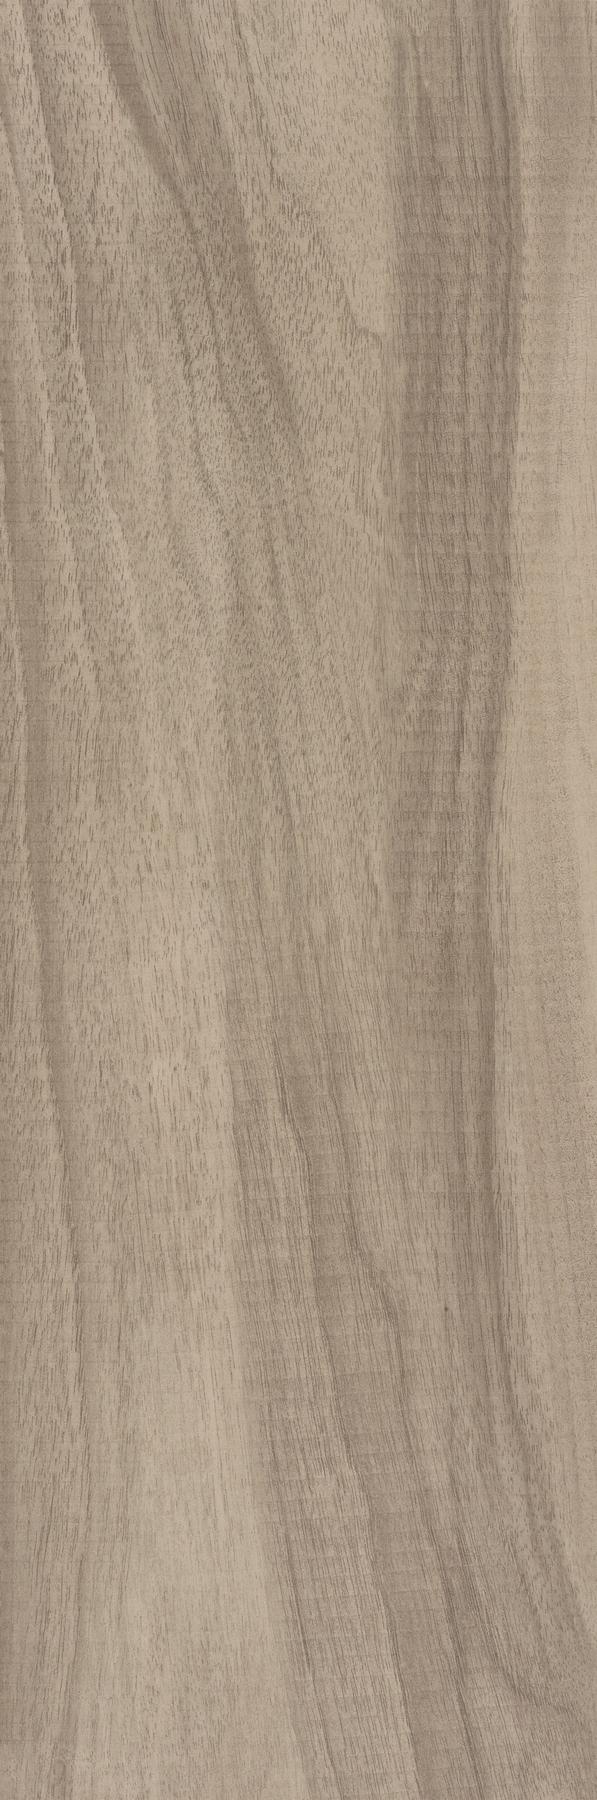 Daikiri Brown ściana Wood Rekt Brązowy 250x750 Wall